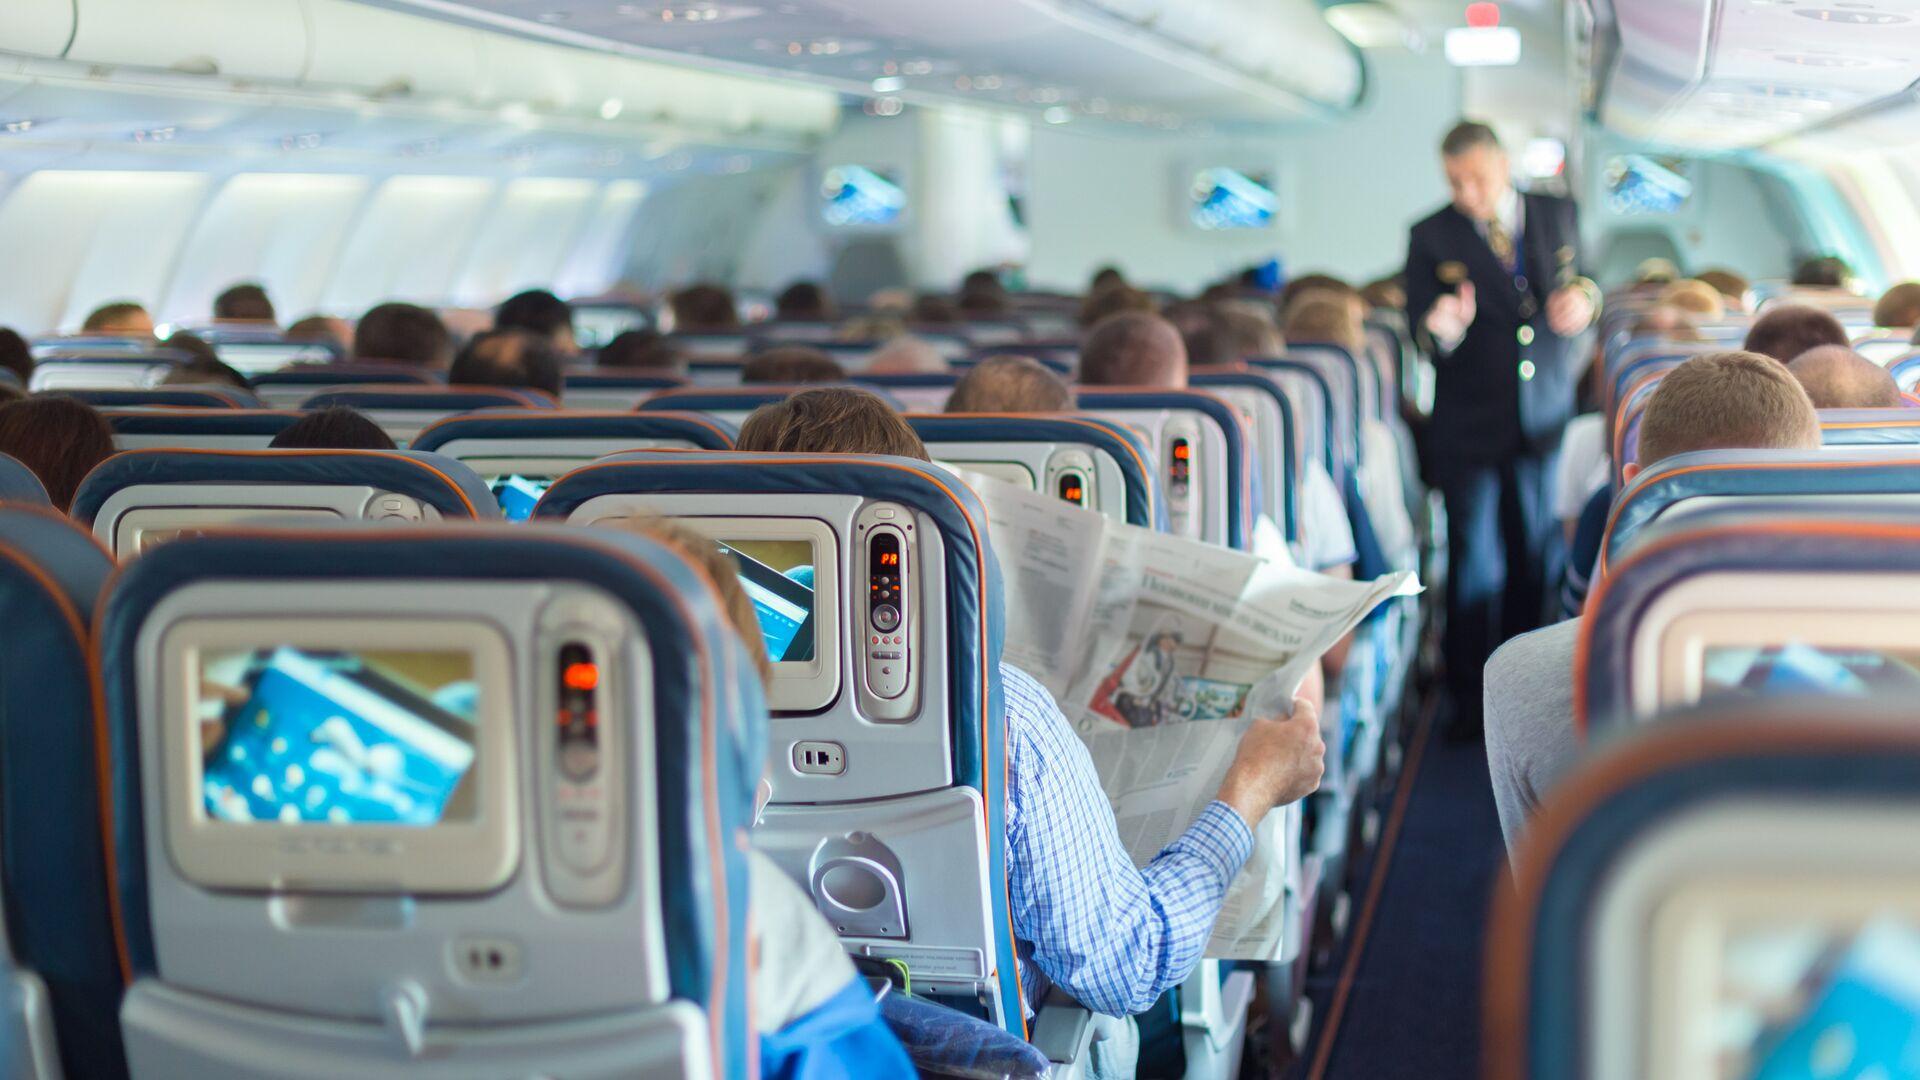 Пассажиры в салоне самолета  - РИА Новости, 1920, 02.03.2021